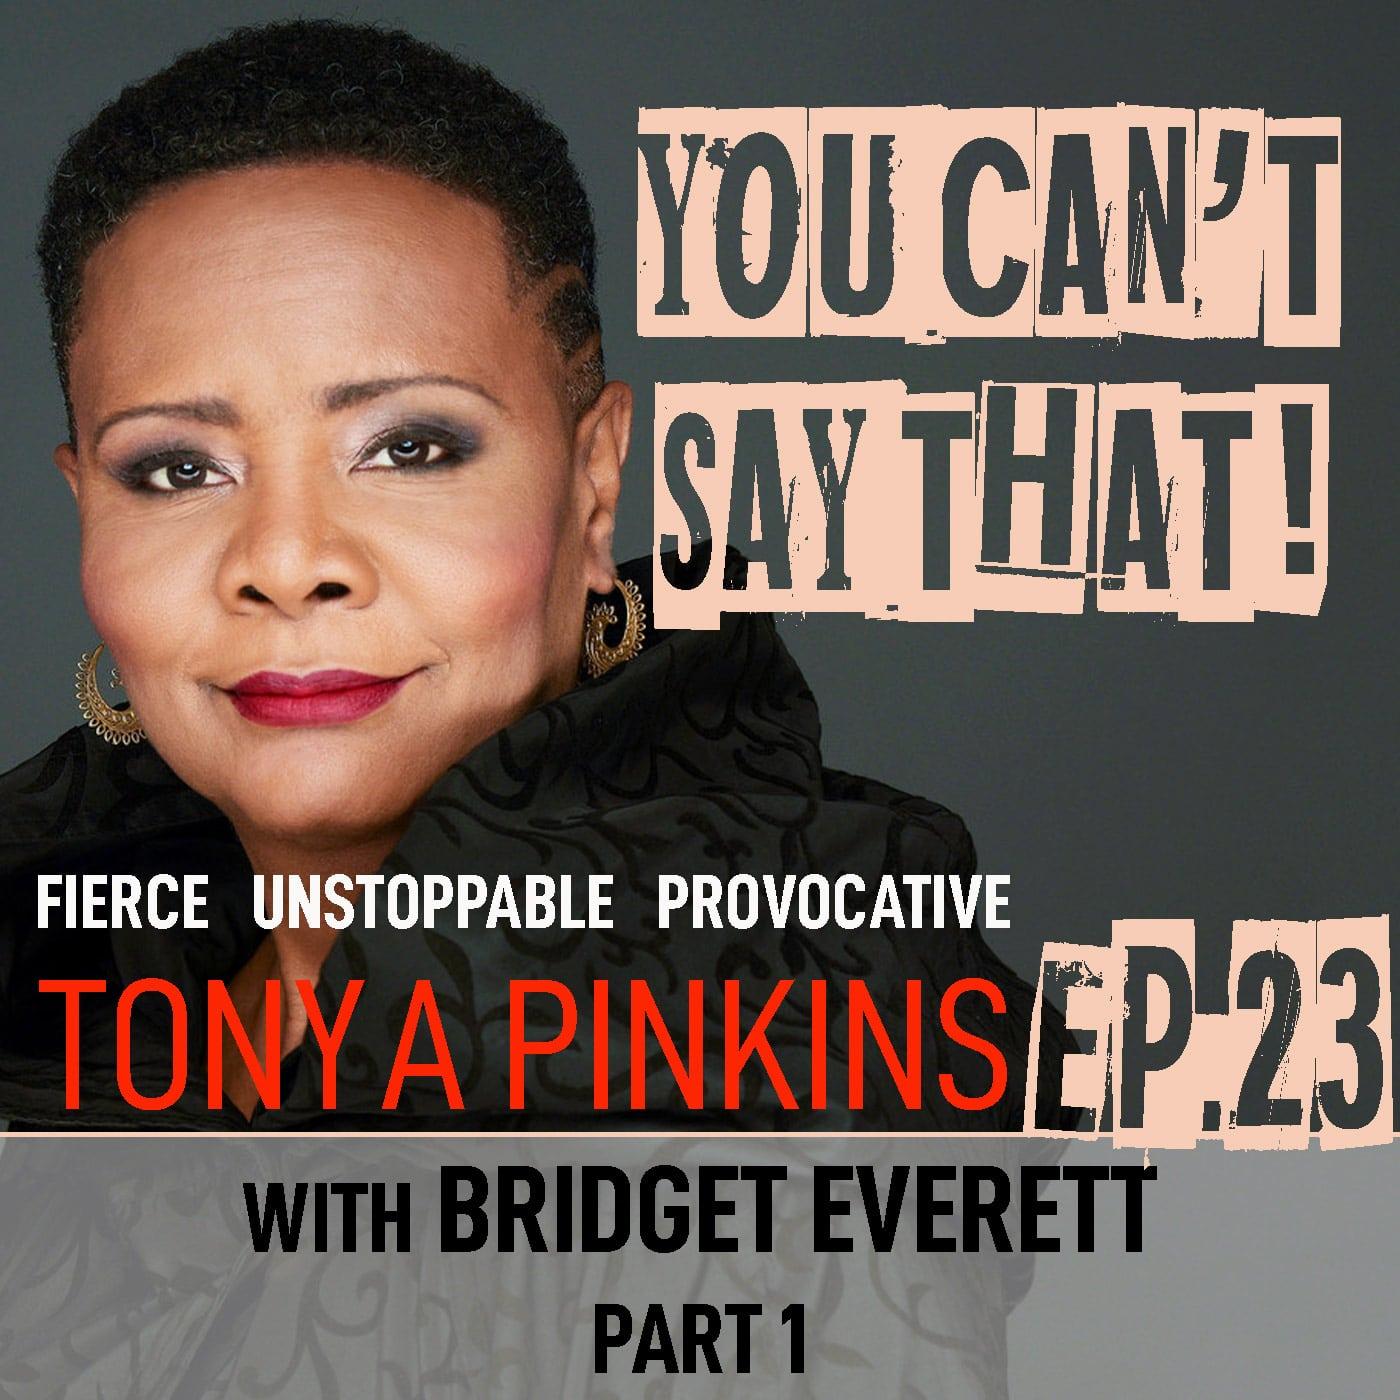 Tonya Pinikins - You Can't Say That Episode 23 - Bridget Everett (Part 1)